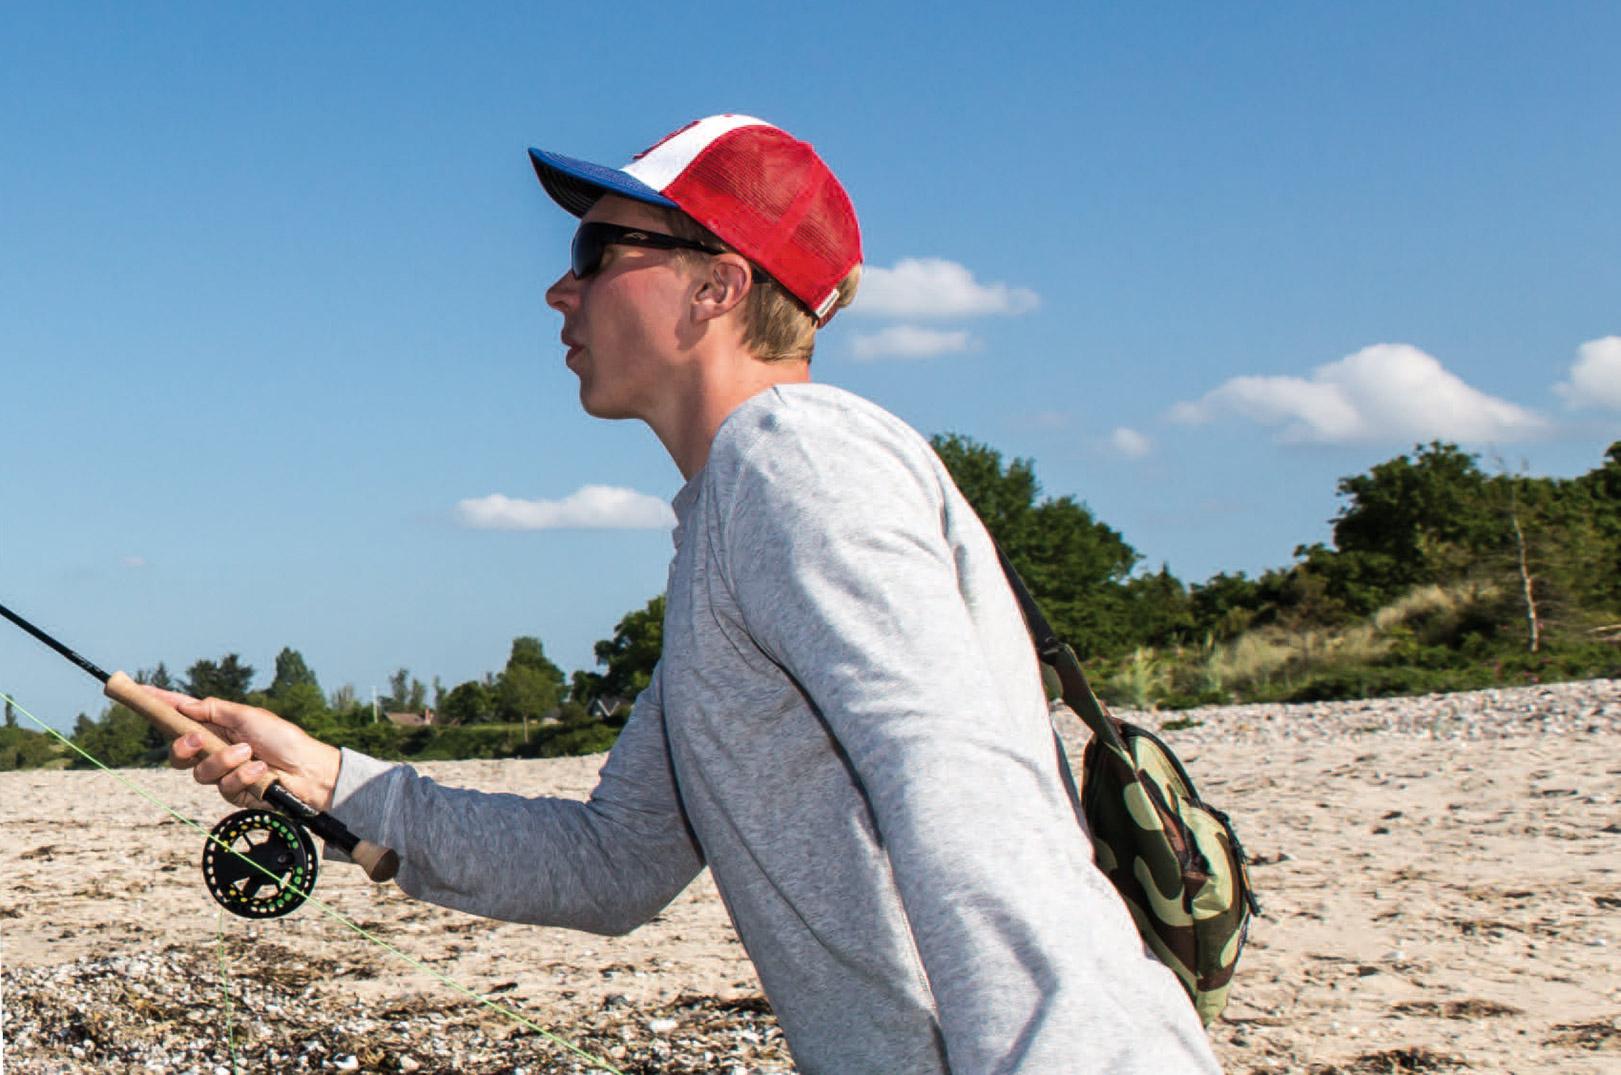 Multen er en meget sky fisk, så det kan godt betale sig at holde lav profil, når de går kystnært.